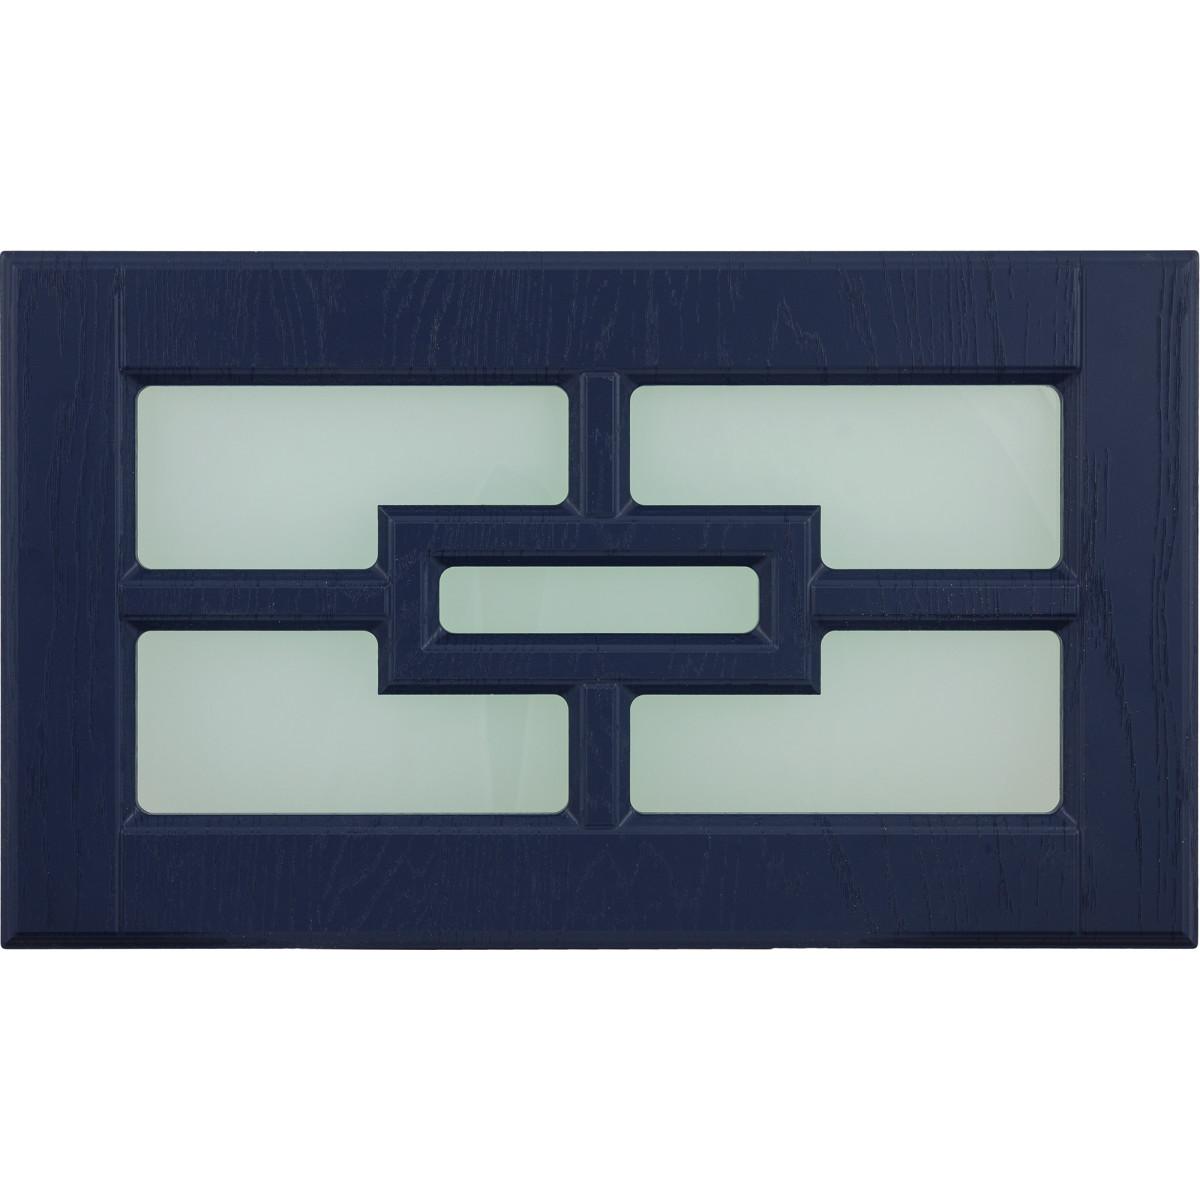 Витрина для шкафа Delinia Антея 60x35 см МДФ цвет синий